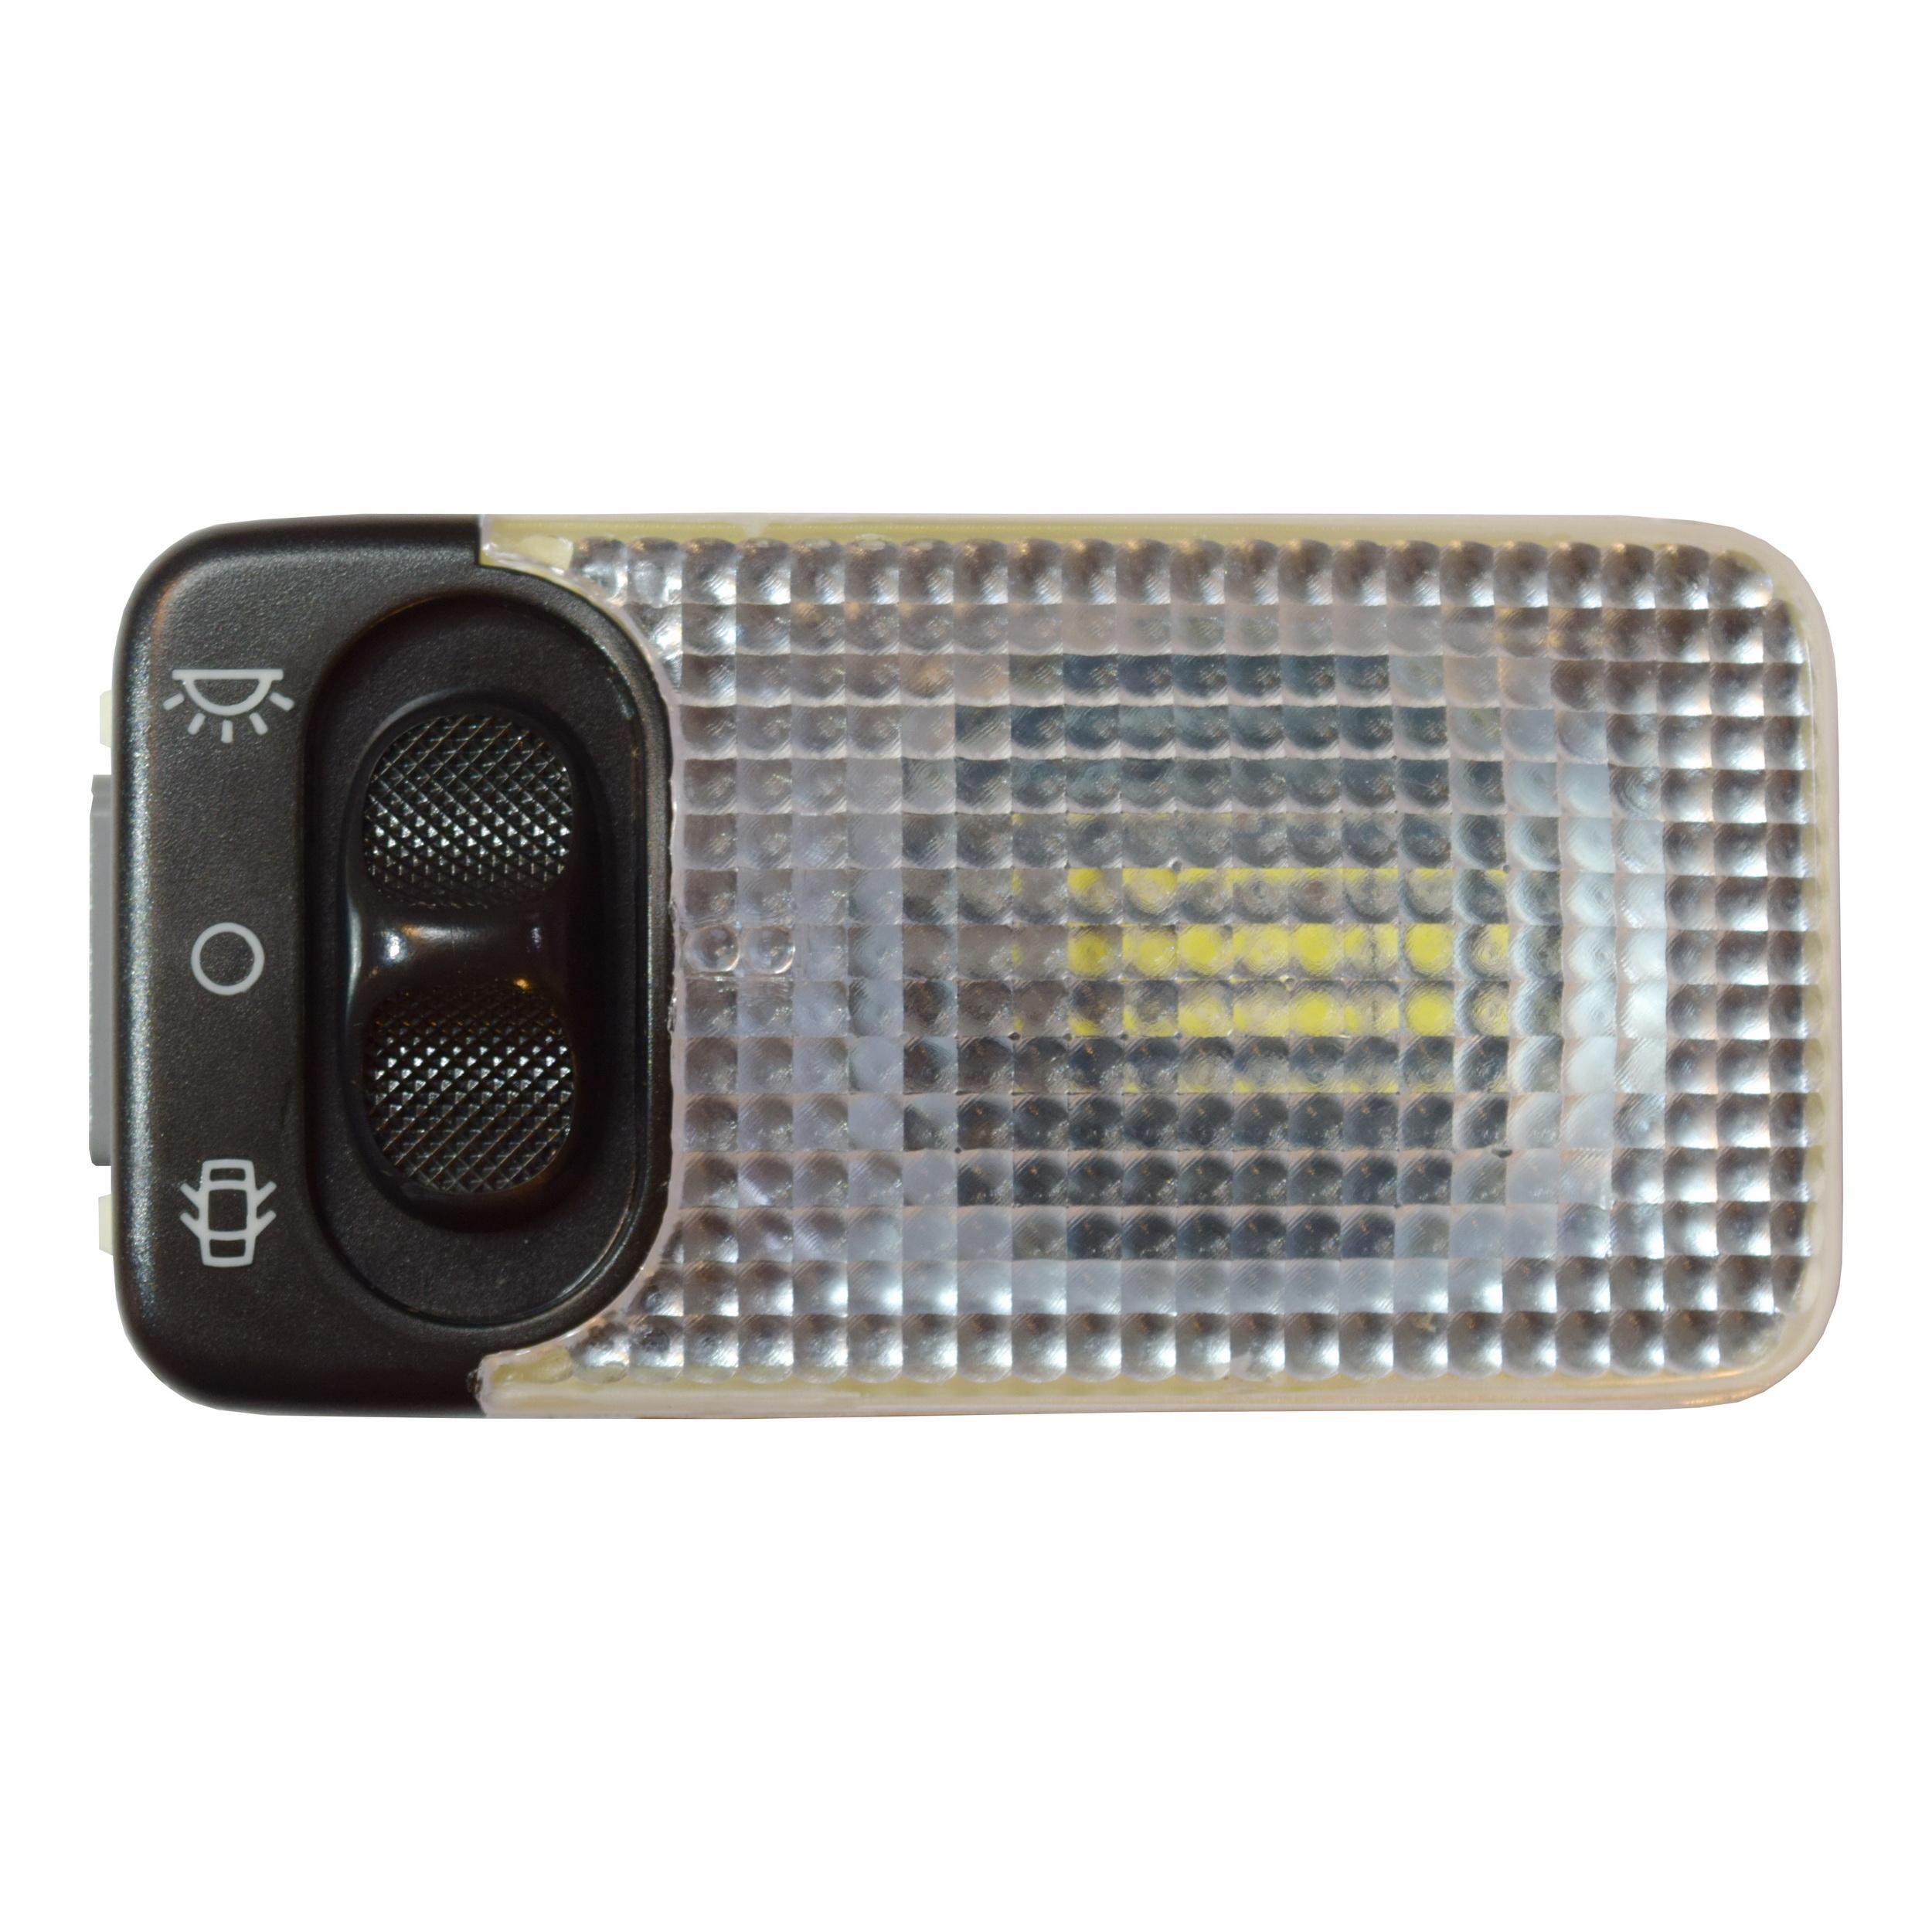 چراغ هوشمند سقف خودرو آی لِد مدل iS8LX-PCK مناسب برای سمند LX